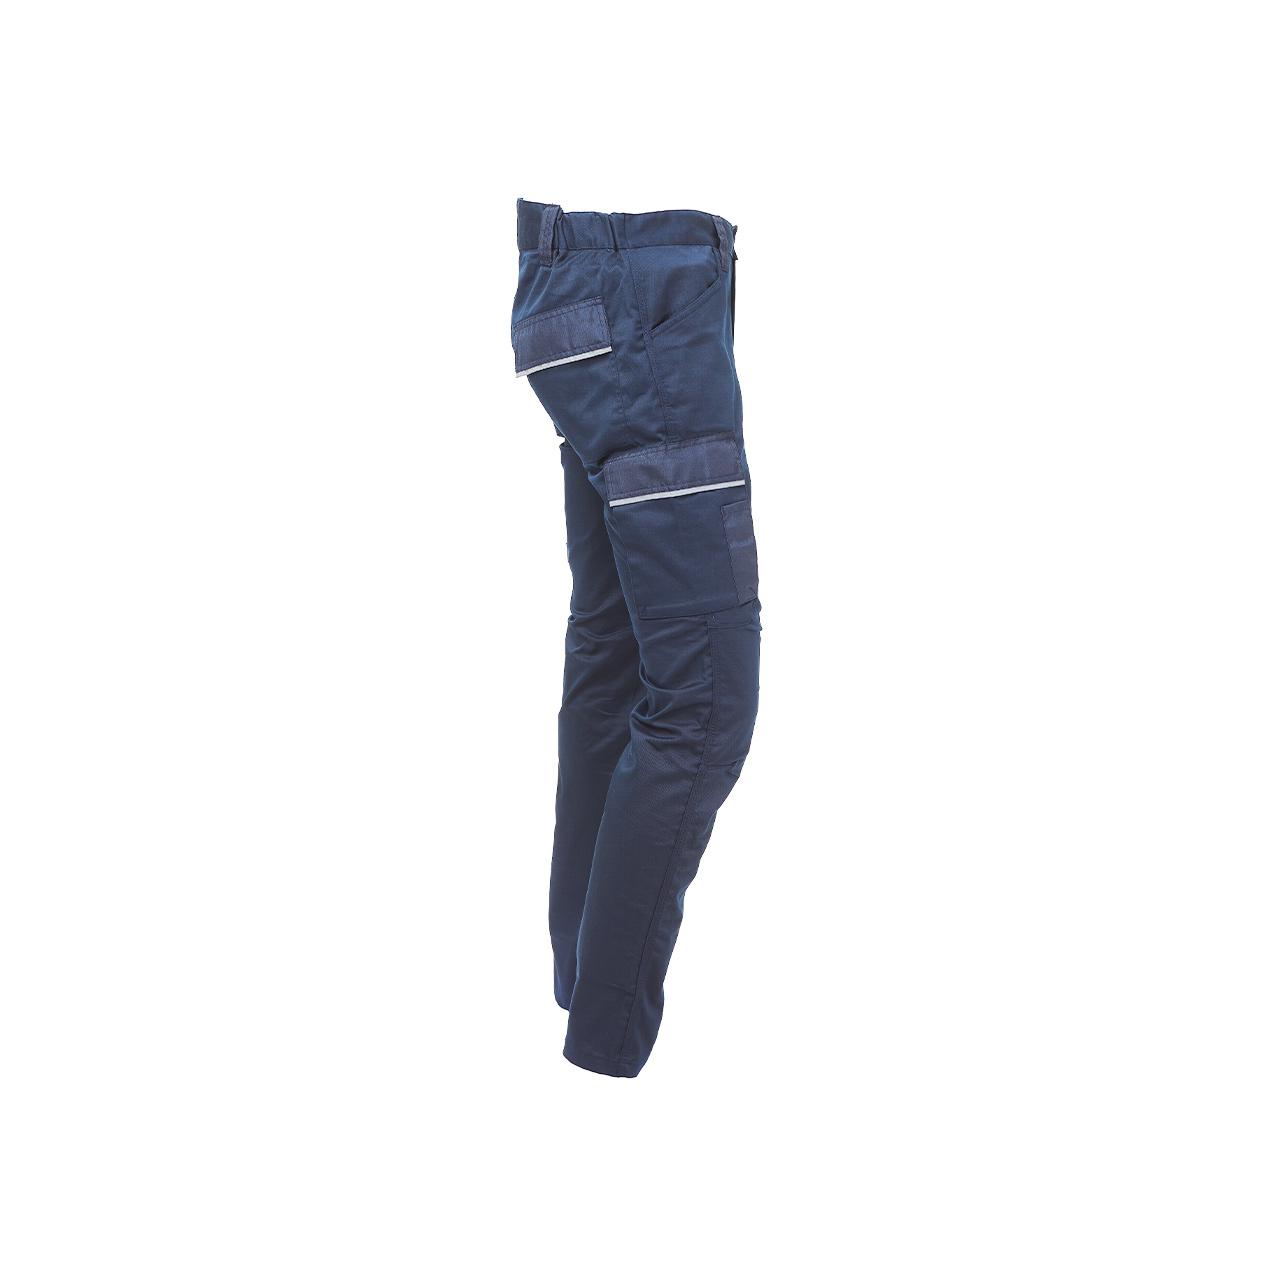 pantalone da lavoro upower modello crazy colore WESTLAK blue